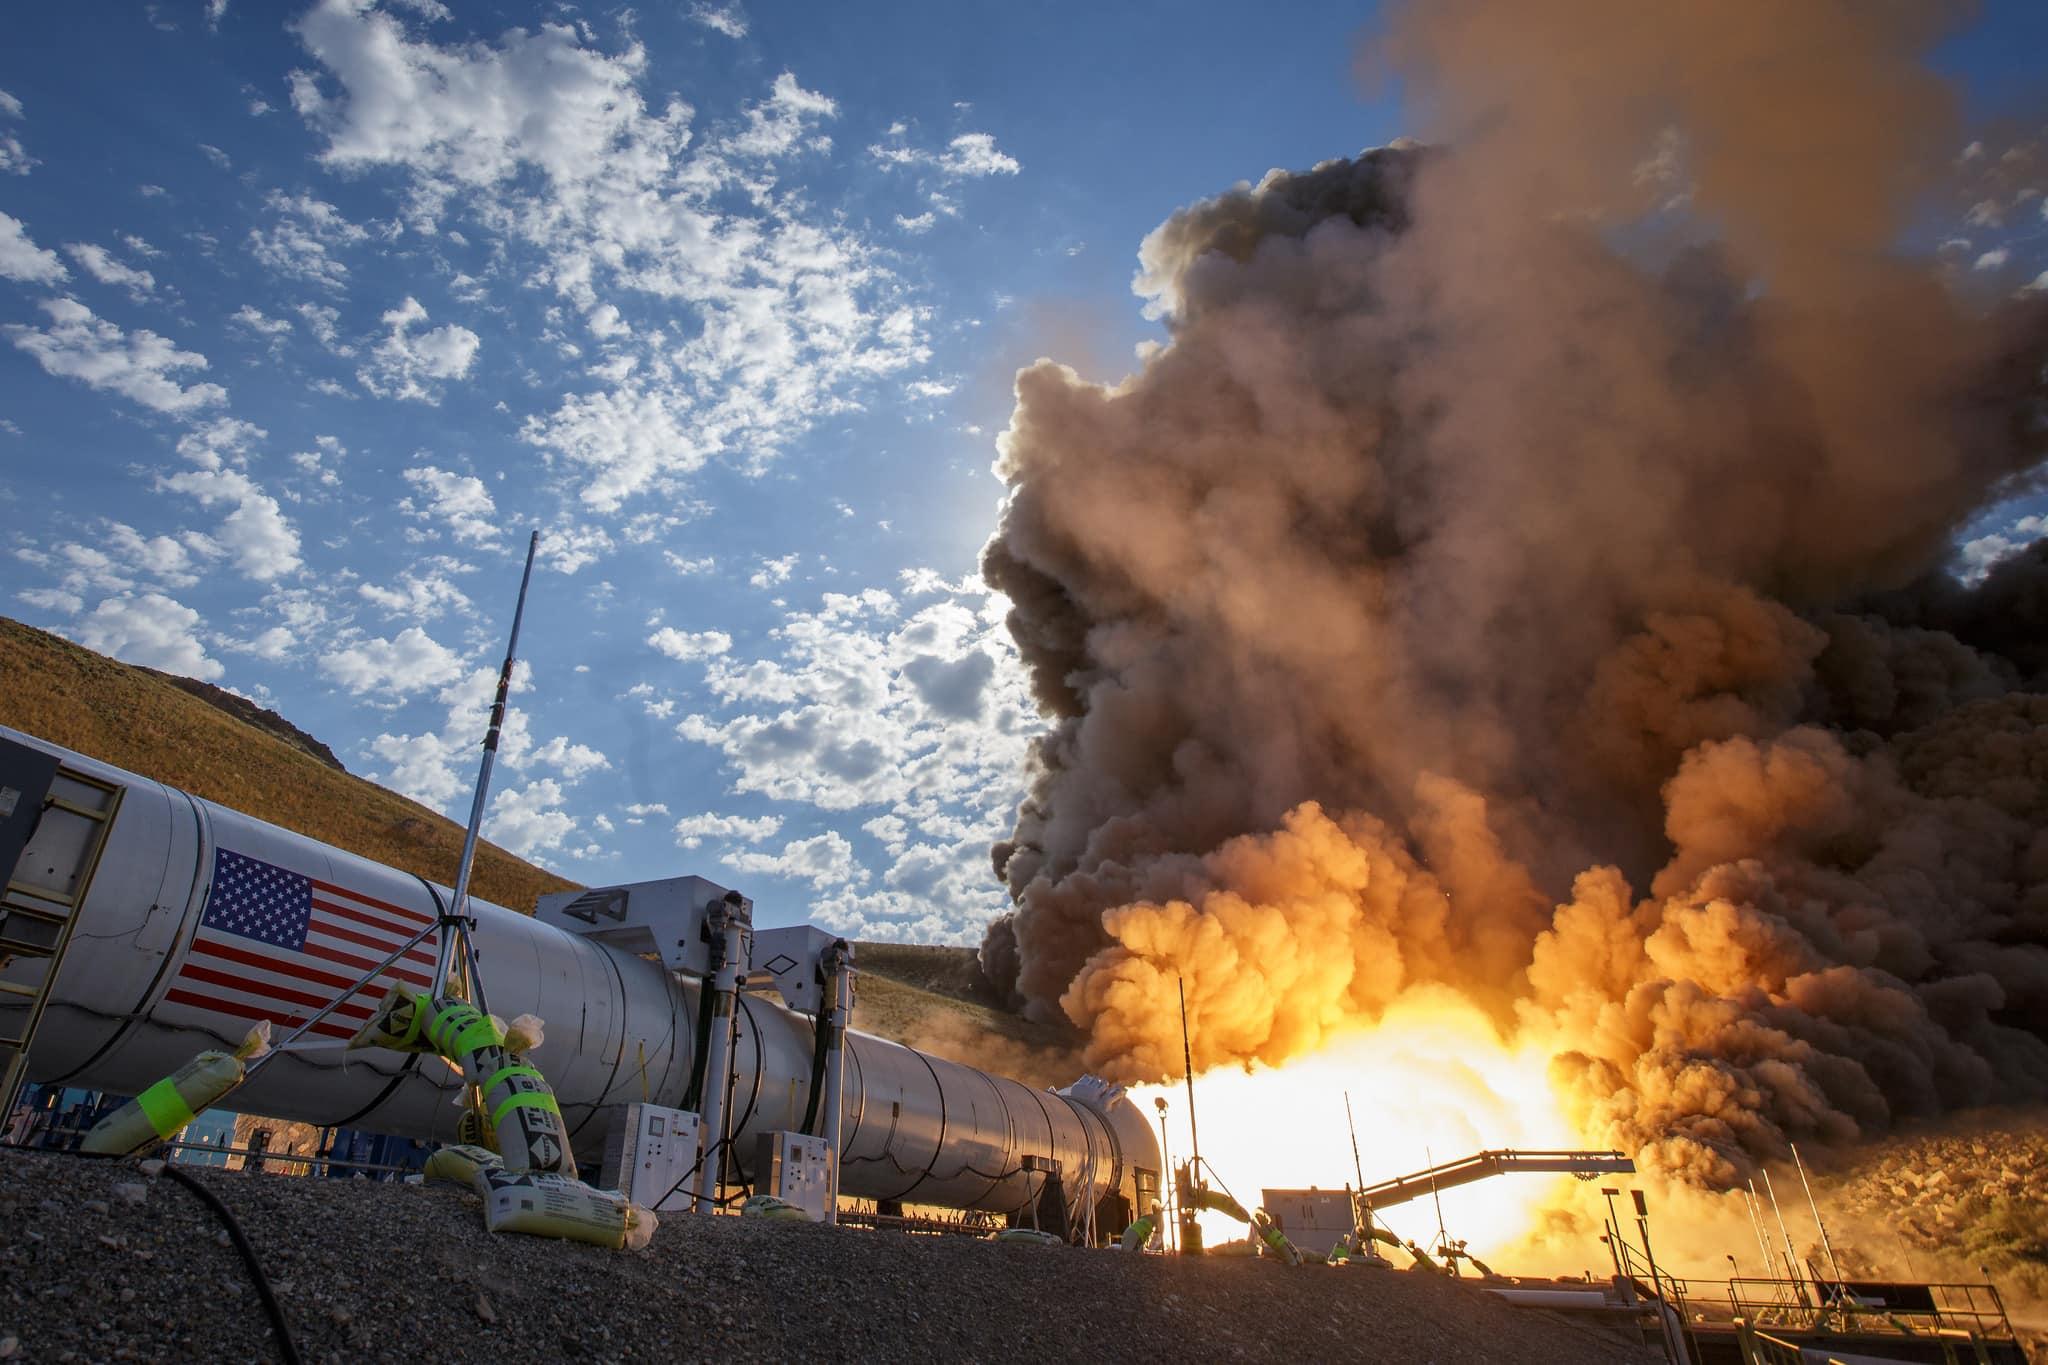 SLS roketinin Haziran ayında gerçekleştirilen QM-2 motor testinden bir kare. [NASA/MSFC]